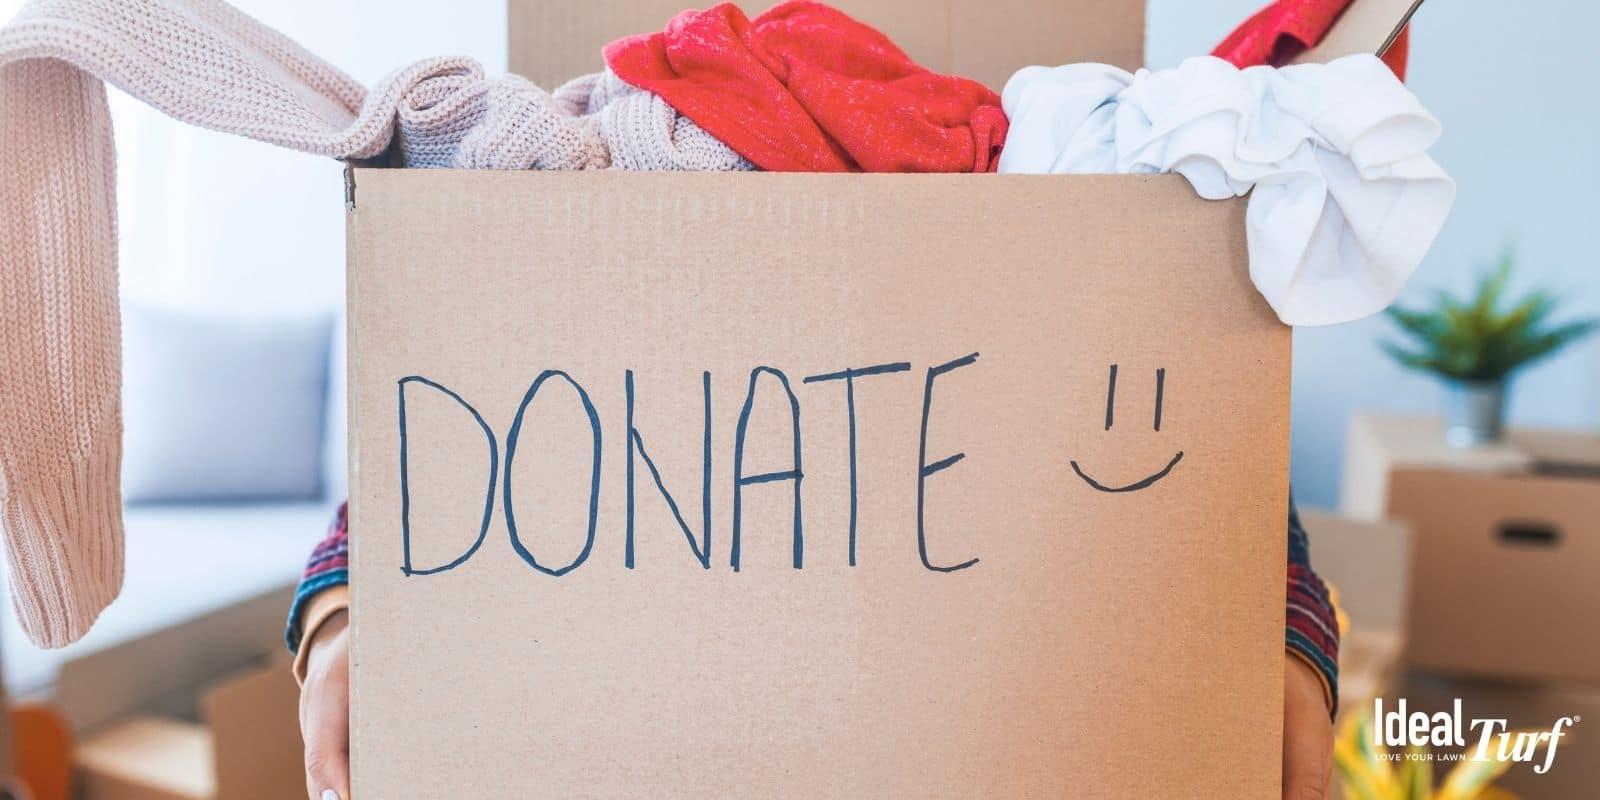 Donate Clothes & Unused Items